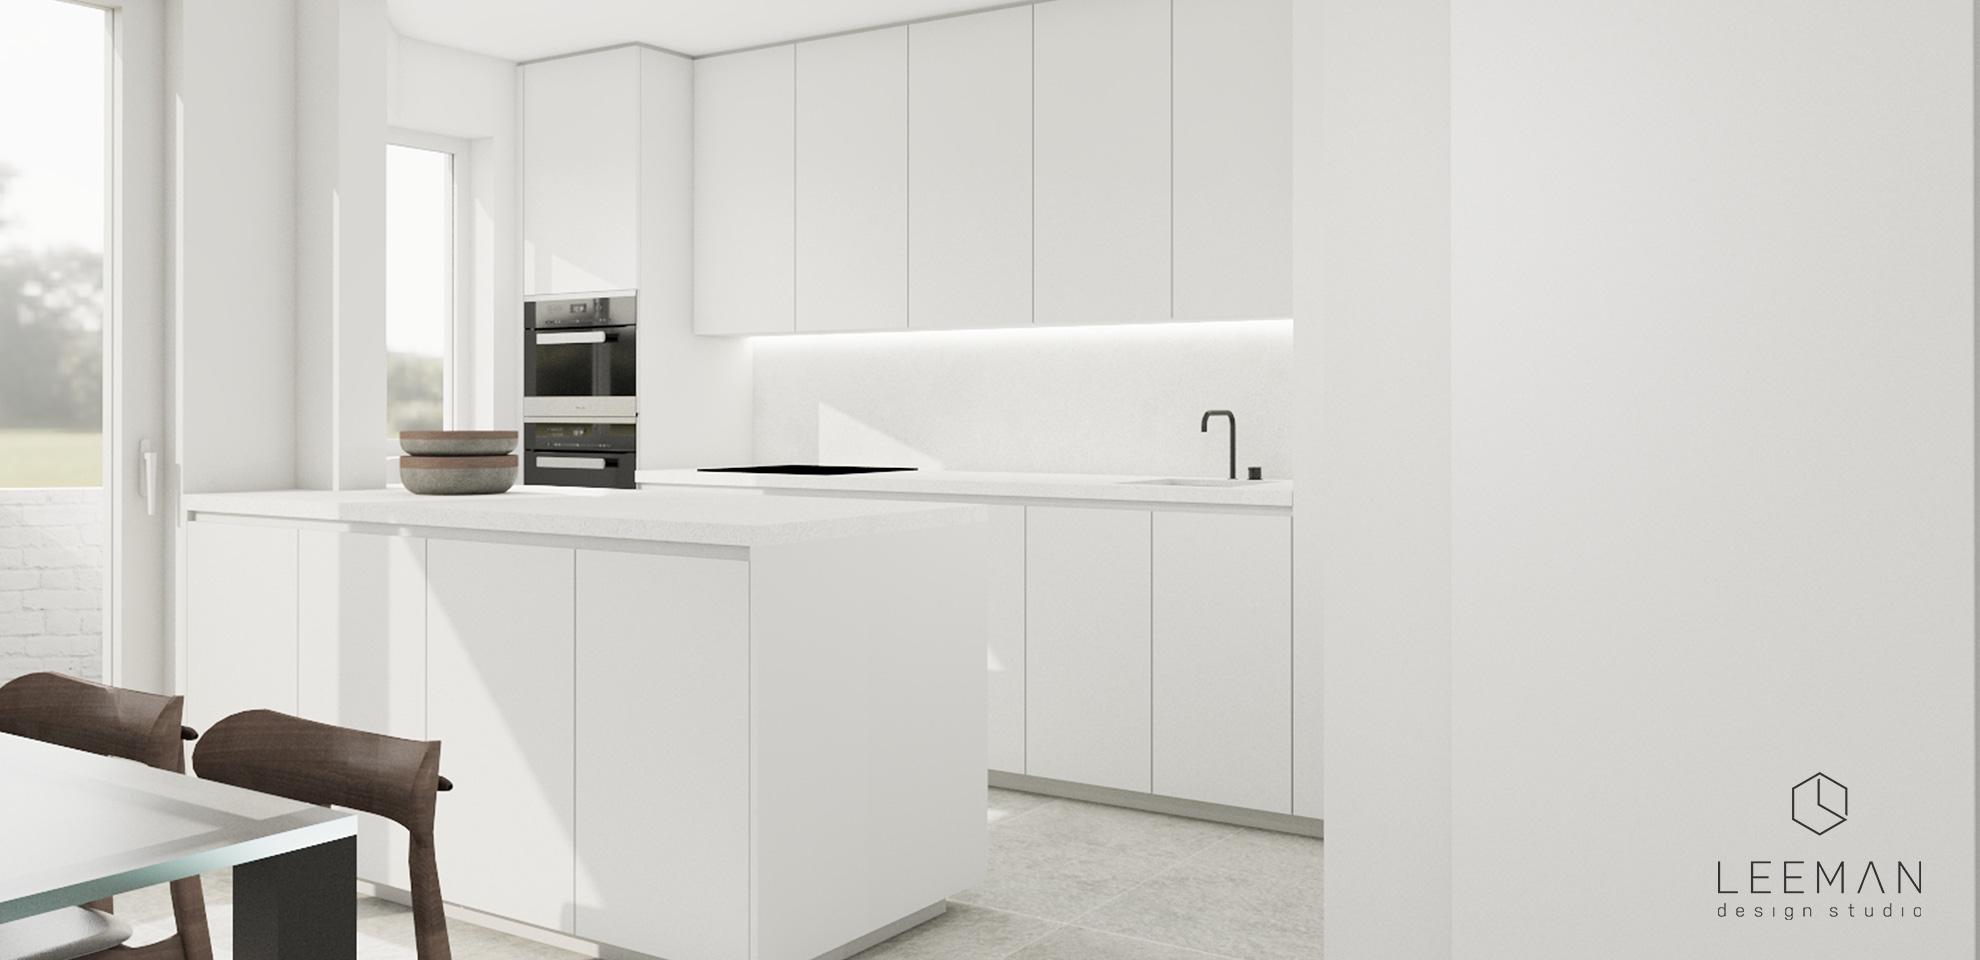 3d wit keukeneiland interieur keuken ontwerp en witte maatkasten